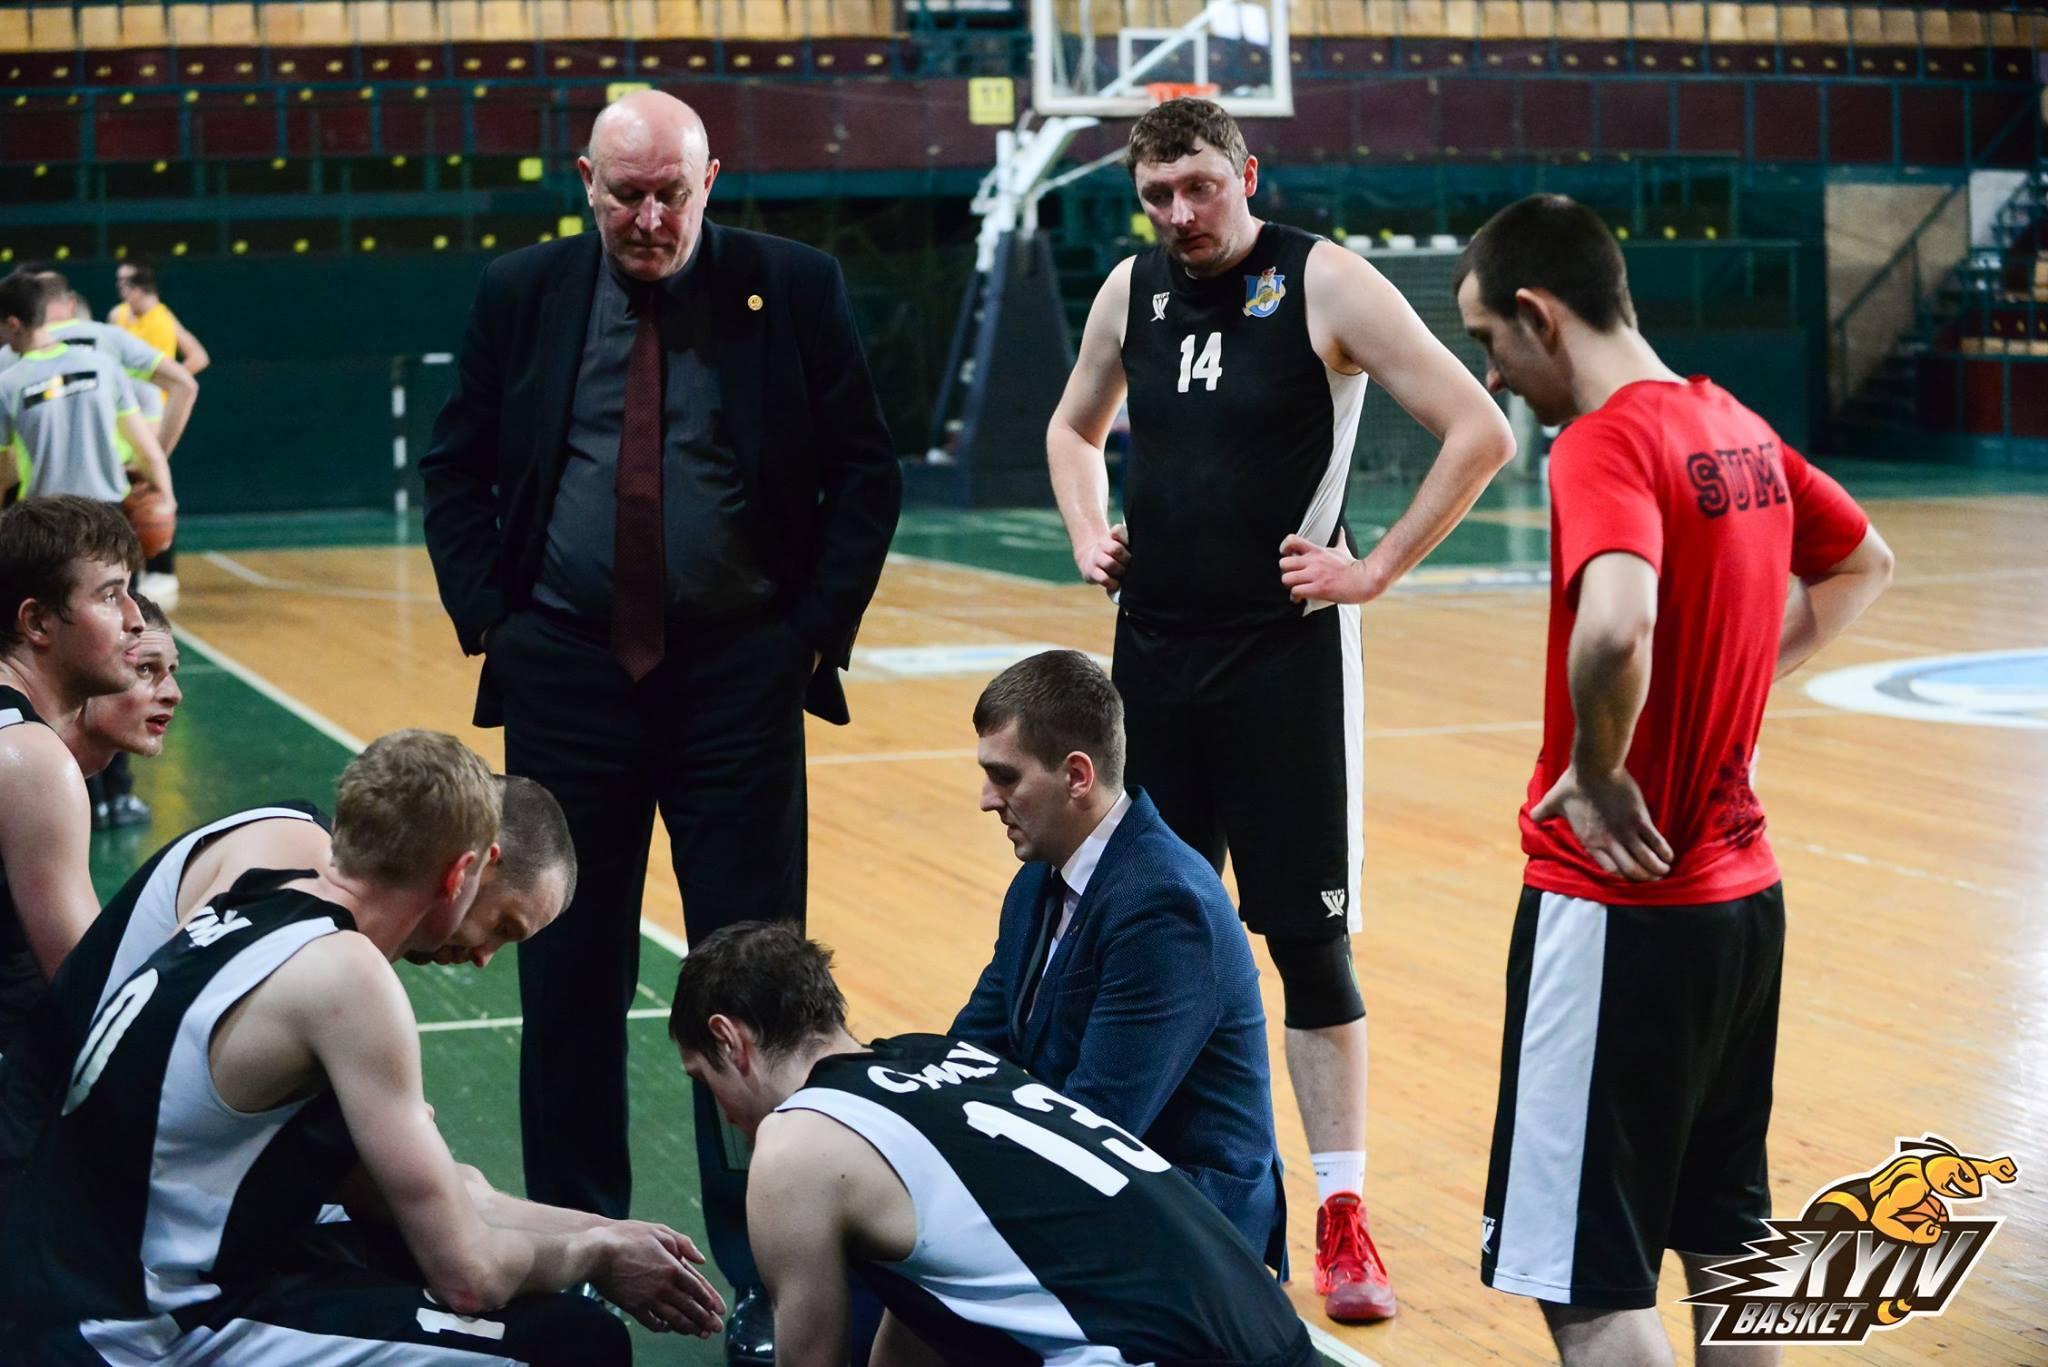 Відродження баскетболу на Сумщині набуло сталого характеру